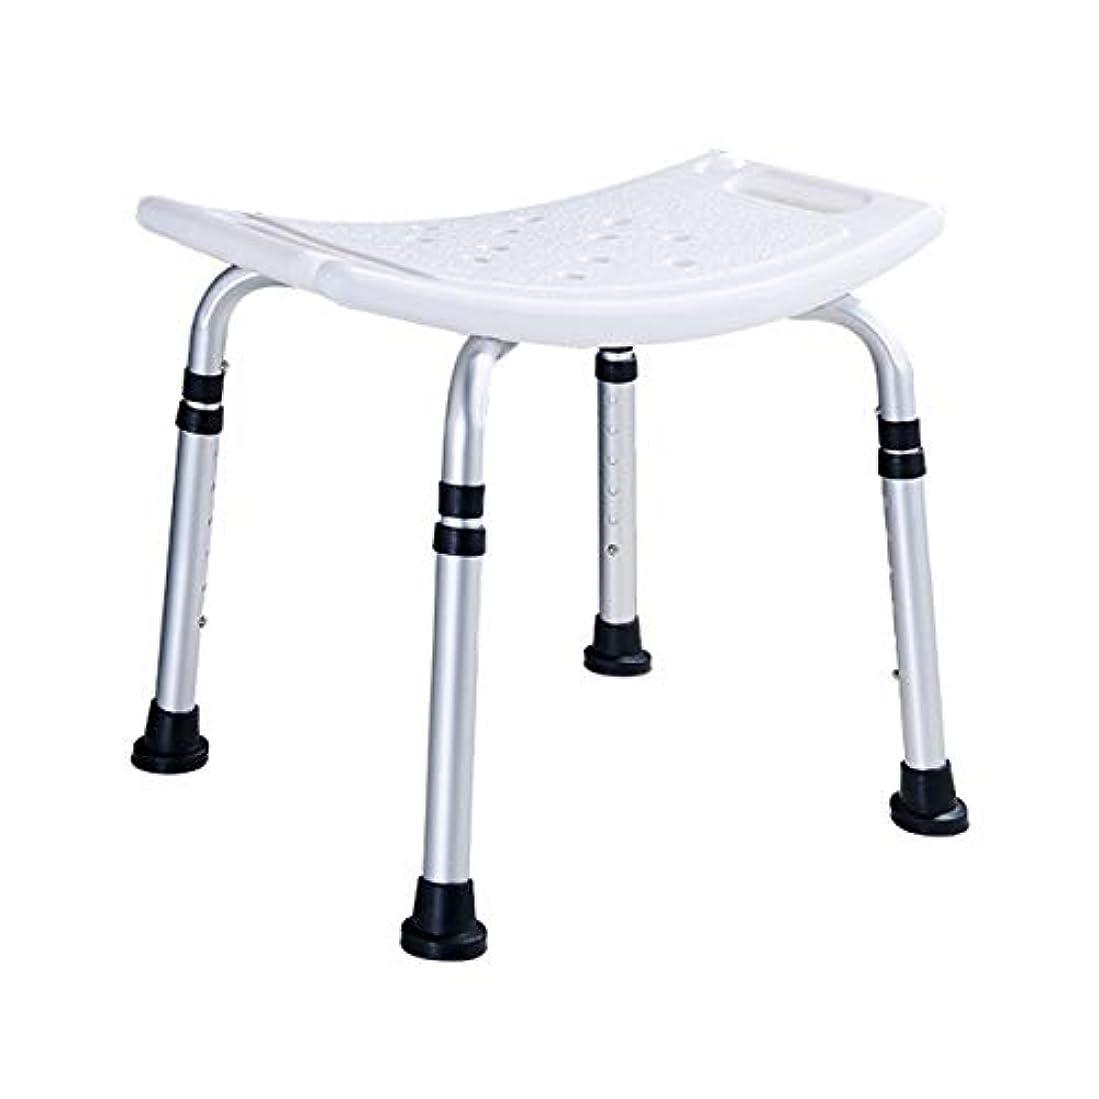 振る舞いベル記憶に残る浴槽/シャワーチェア、高さ調節可能な脚付きバスルームシート、エルゴノミックスツール排水管スリップ成人/高齢者/身体障害者